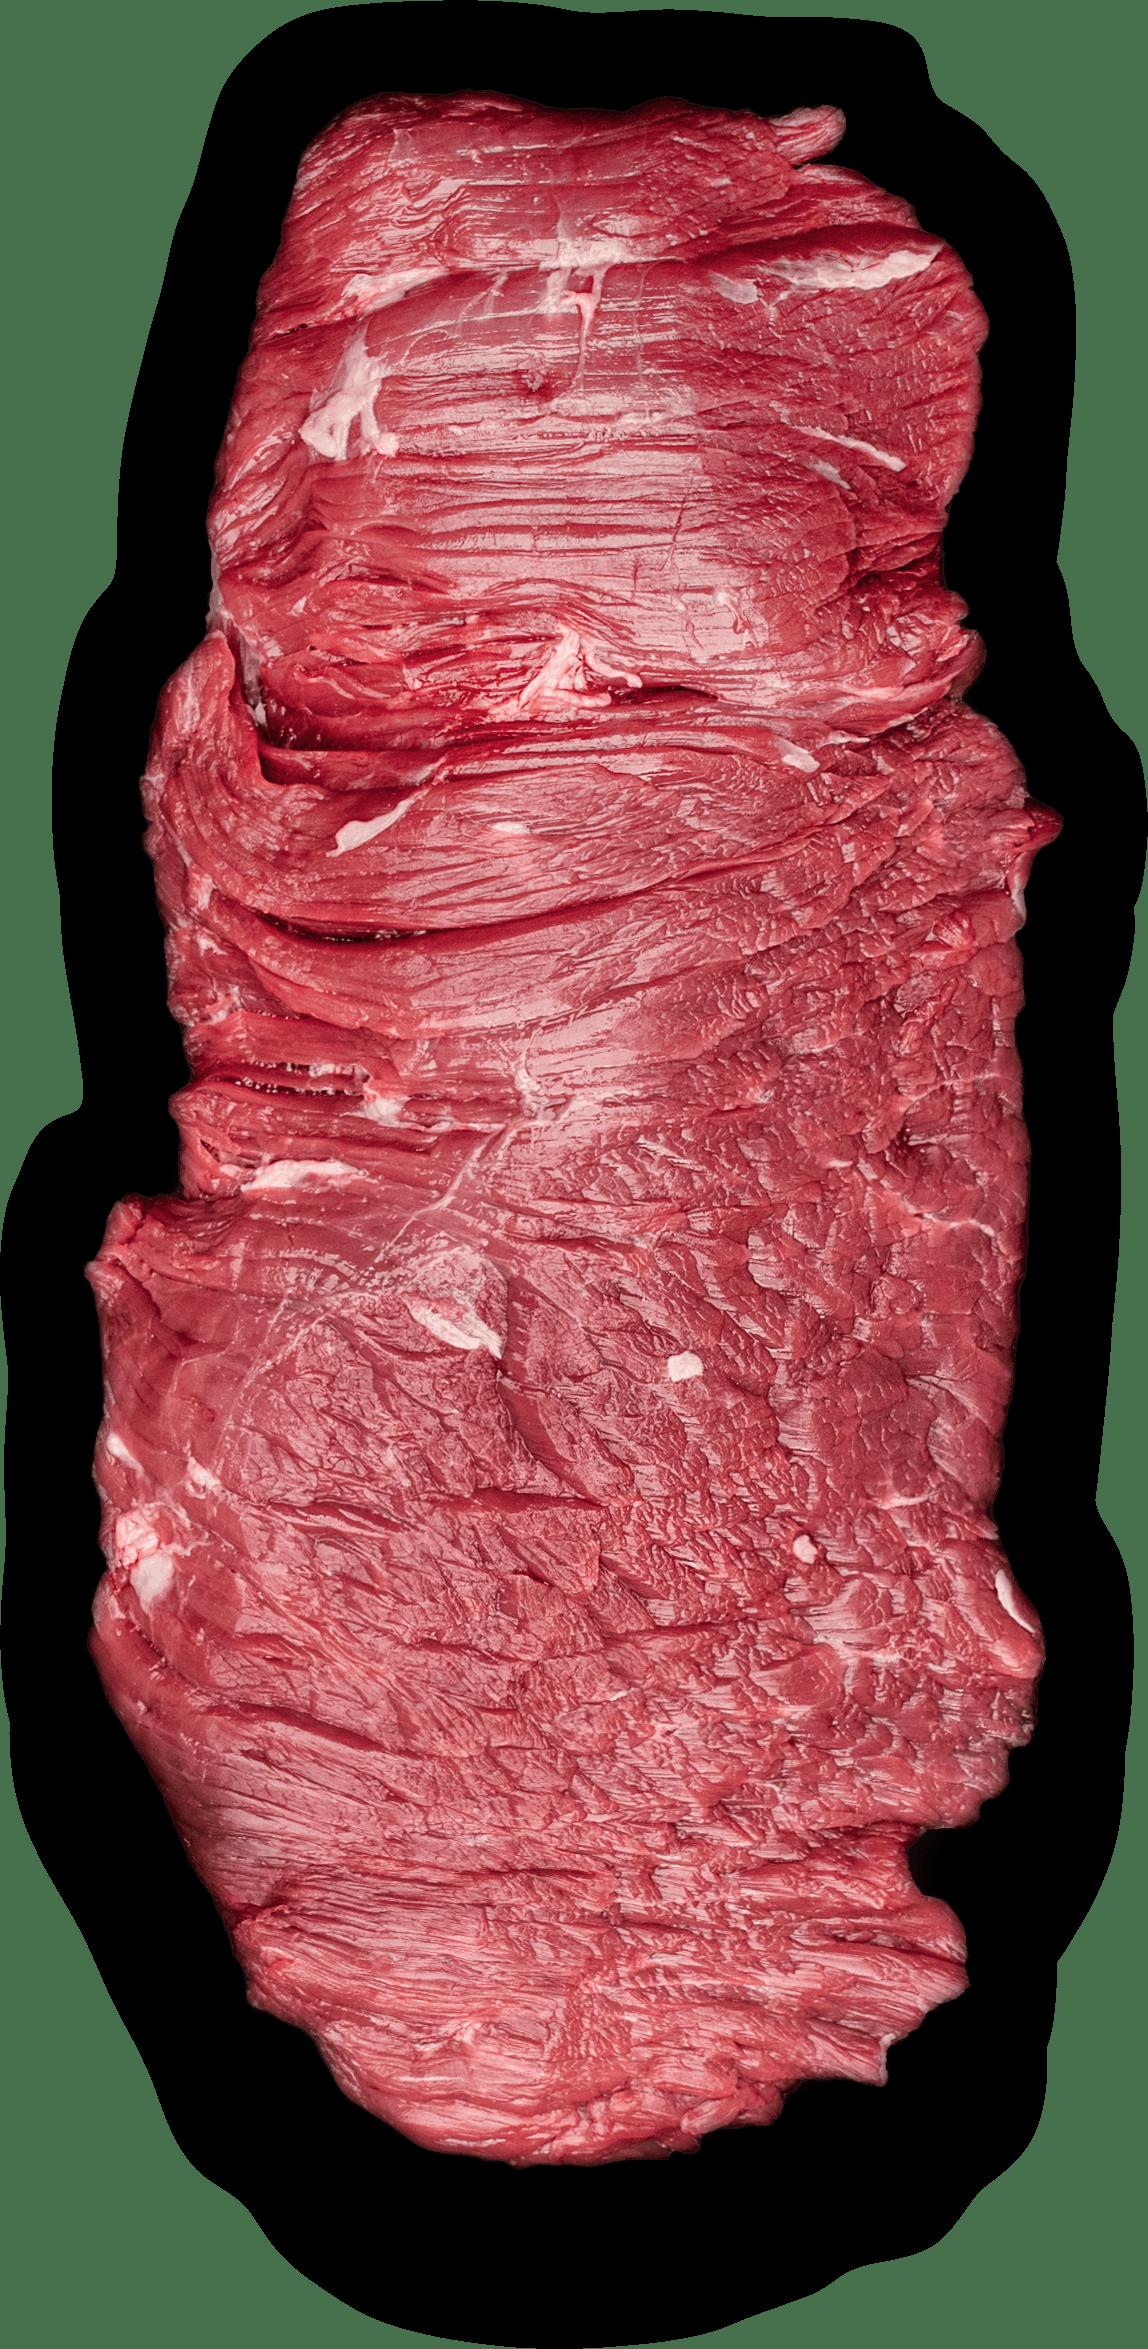 Tento kousek masa si většina řezníků schovávala pro sebe a dobře věděli proč. Je to velmi lahodný a šťavnatý kus masa. Svalový úpon bránice, který se nachází kousek od jater a díky tomu chytá silnou kořeněnou hovězí chuť. Nejlepší je na grilu a ve světě je velmi známý pro přípravu fajitas.